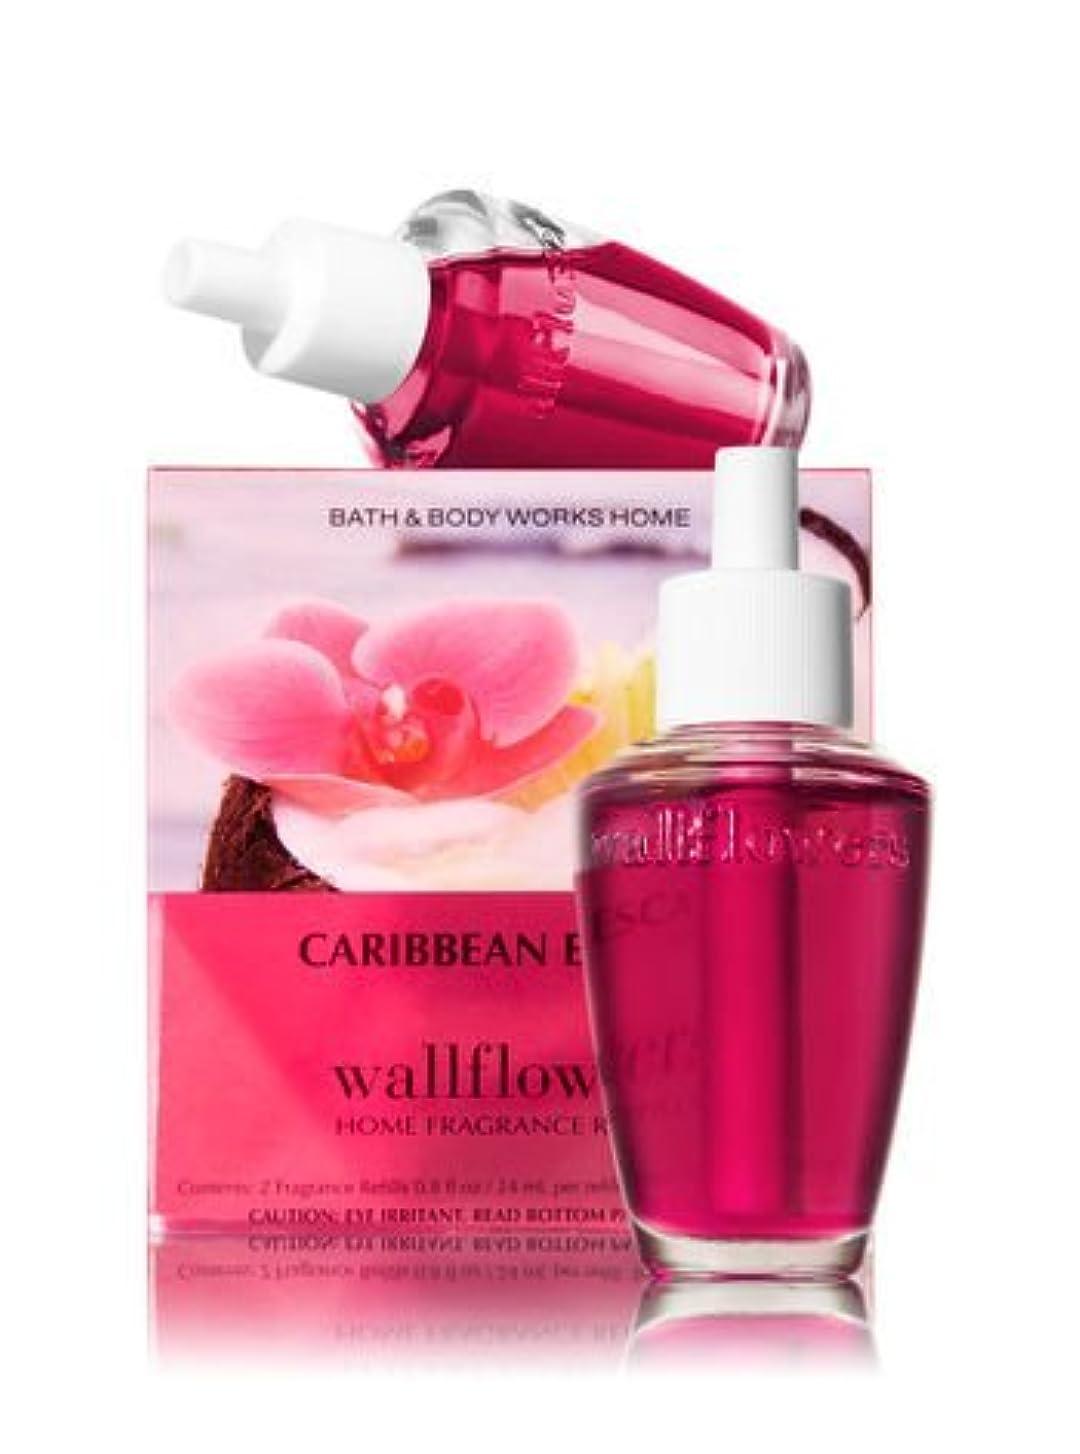 アラブ人先住民肥沃な【Bath&Body Works/バス&ボディワークス】 ホームフレグランス 詰替えリフィル(2個入り) カリビアンエスケープ Wallflowers Home Fragrance 2-Pack Refills Caribbean Escape [並行輸入品]